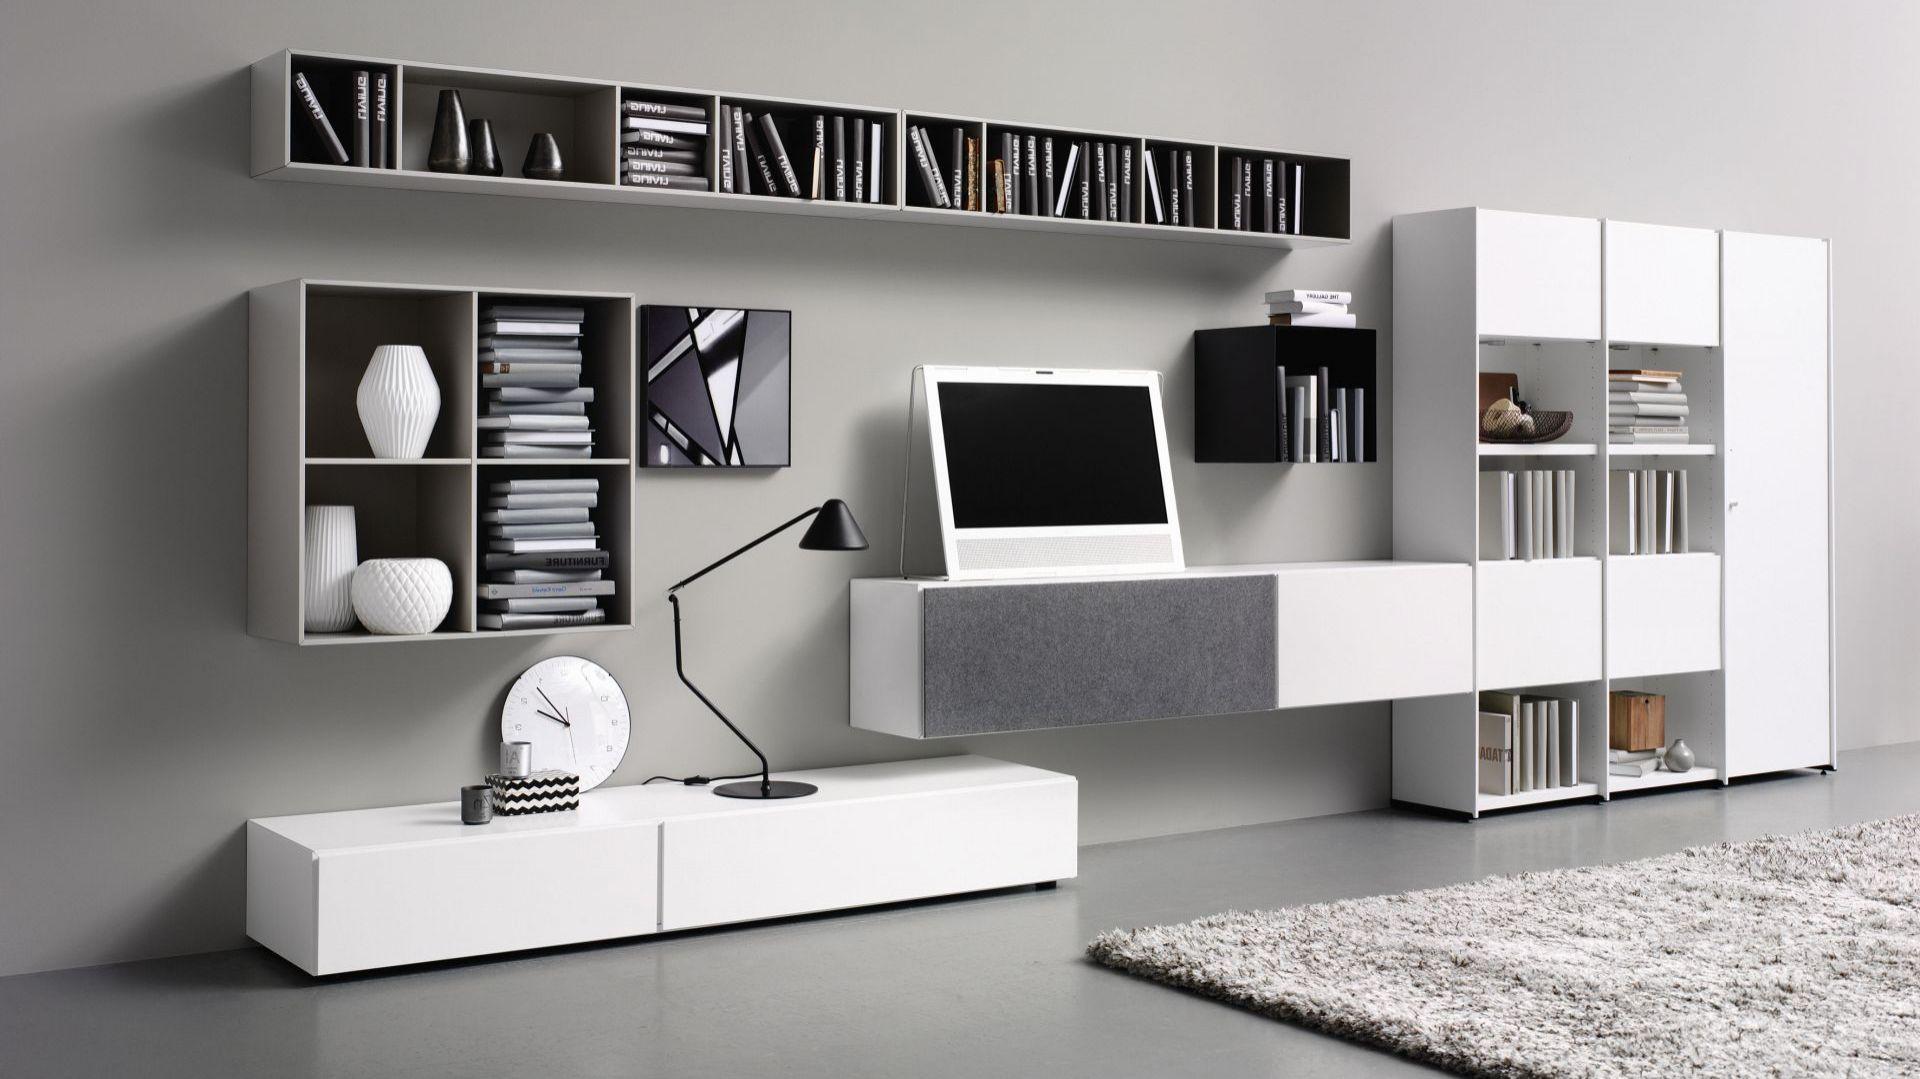 Biały system naścienny to nowoczesnego salonu. Znajduje się w nim miejsce zarówno do przechowywania przedmiotów dekoracyjnych, jak tych, które powinny być schowane. Fot. BoConcept